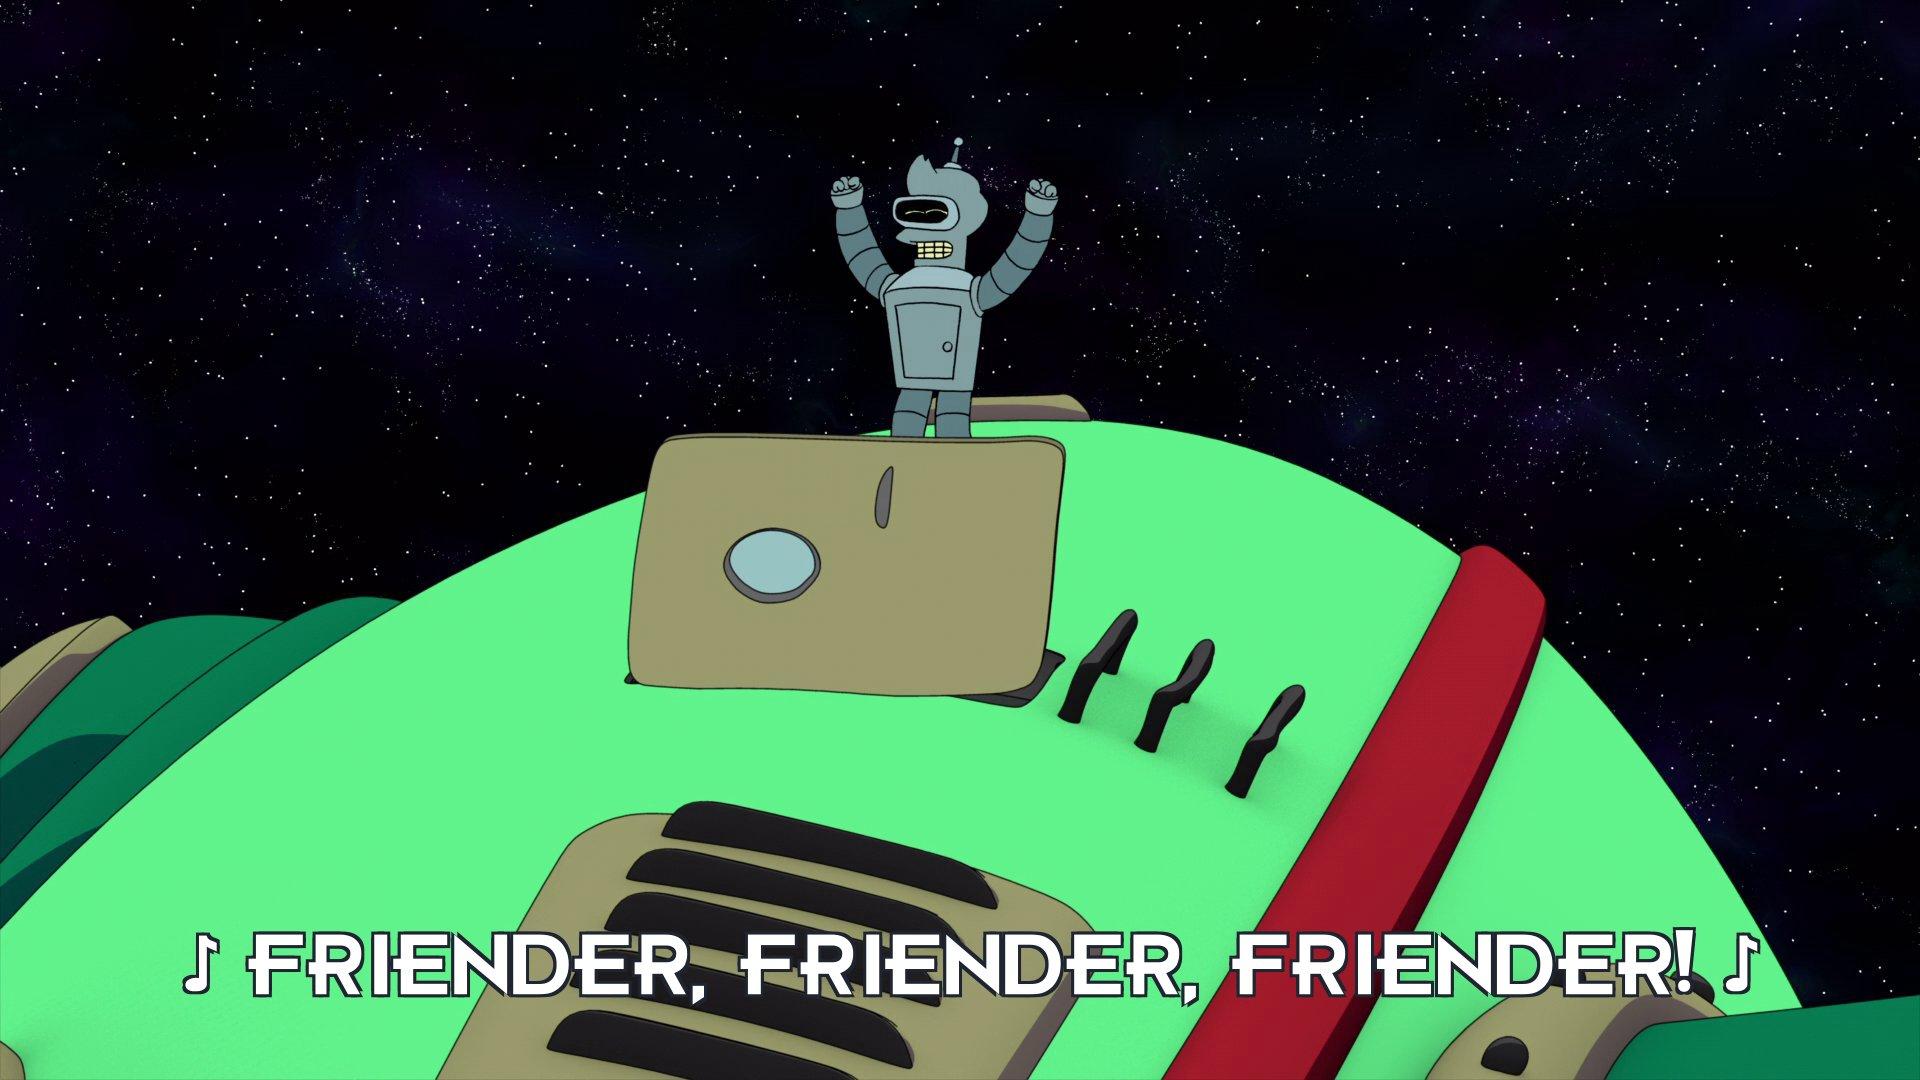 Philip J Fry and Bender Bending Rodriguez: Friender, Friender, Friender!